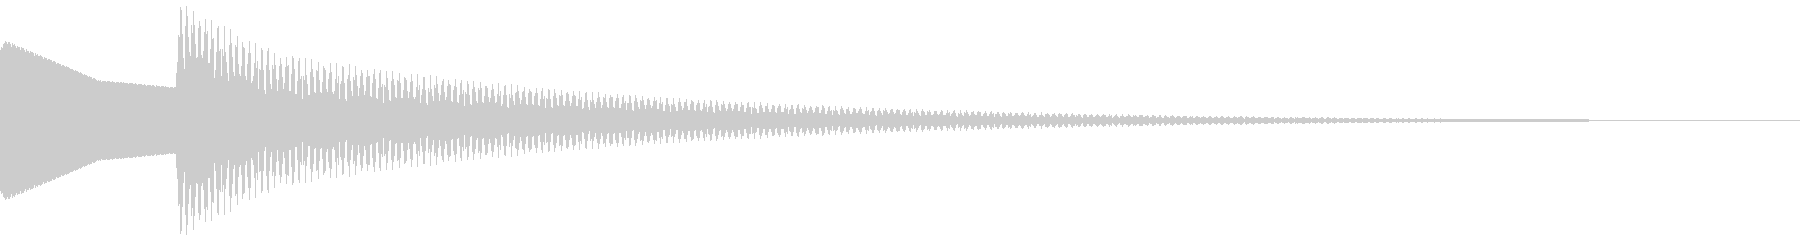 正解音 ピローン(スタンダード)の未再生の波形